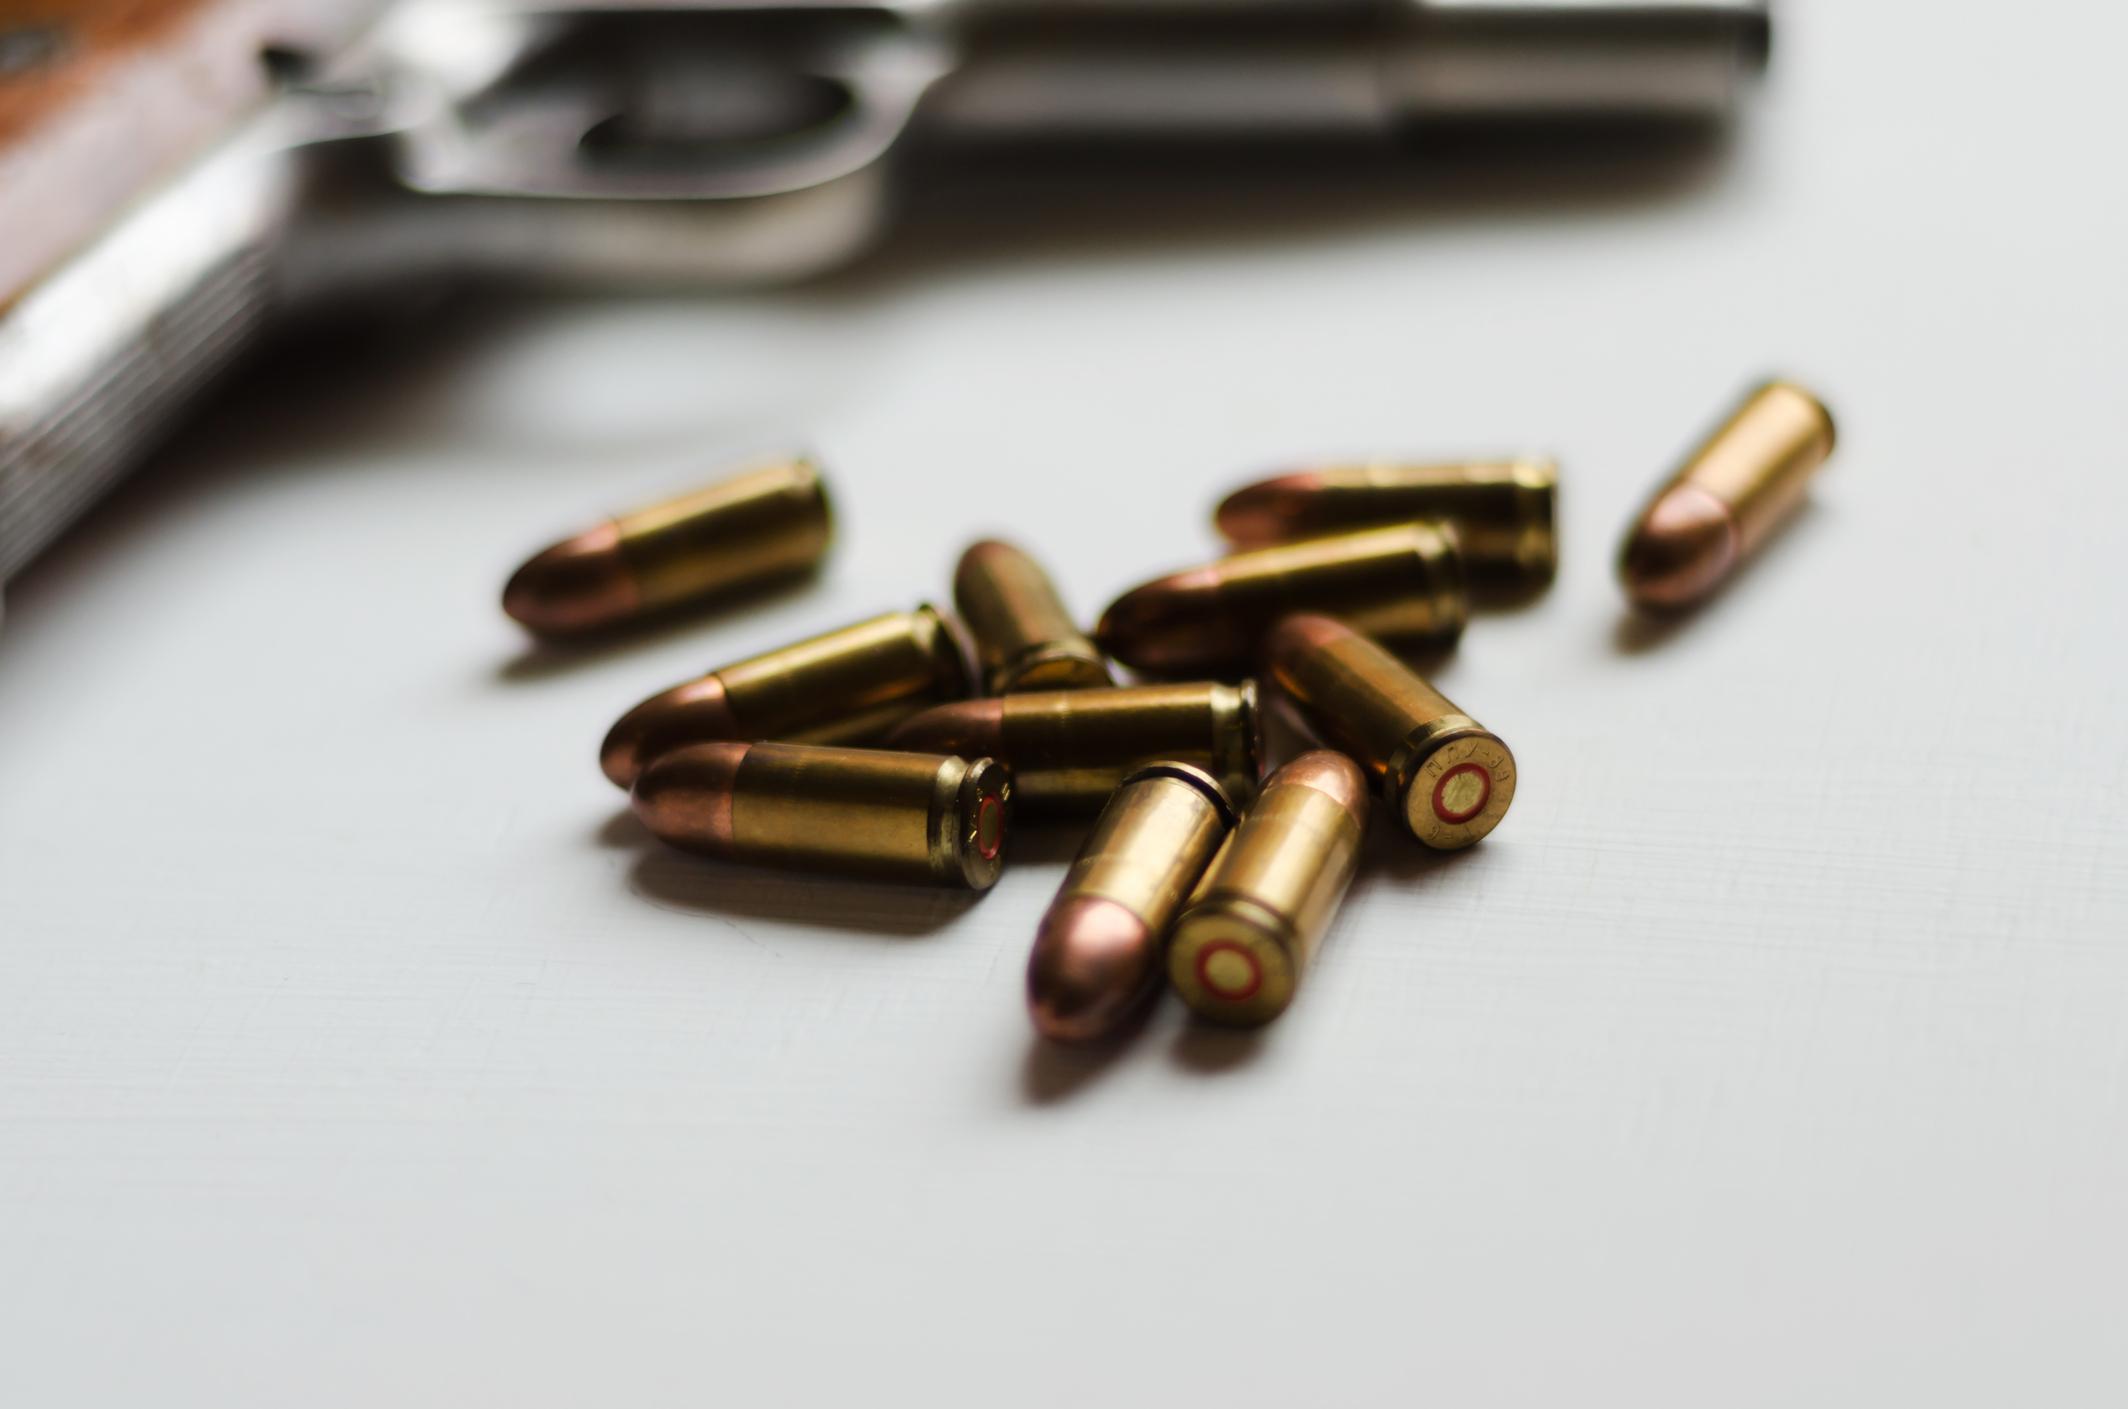 A handgun with ammunition on white background